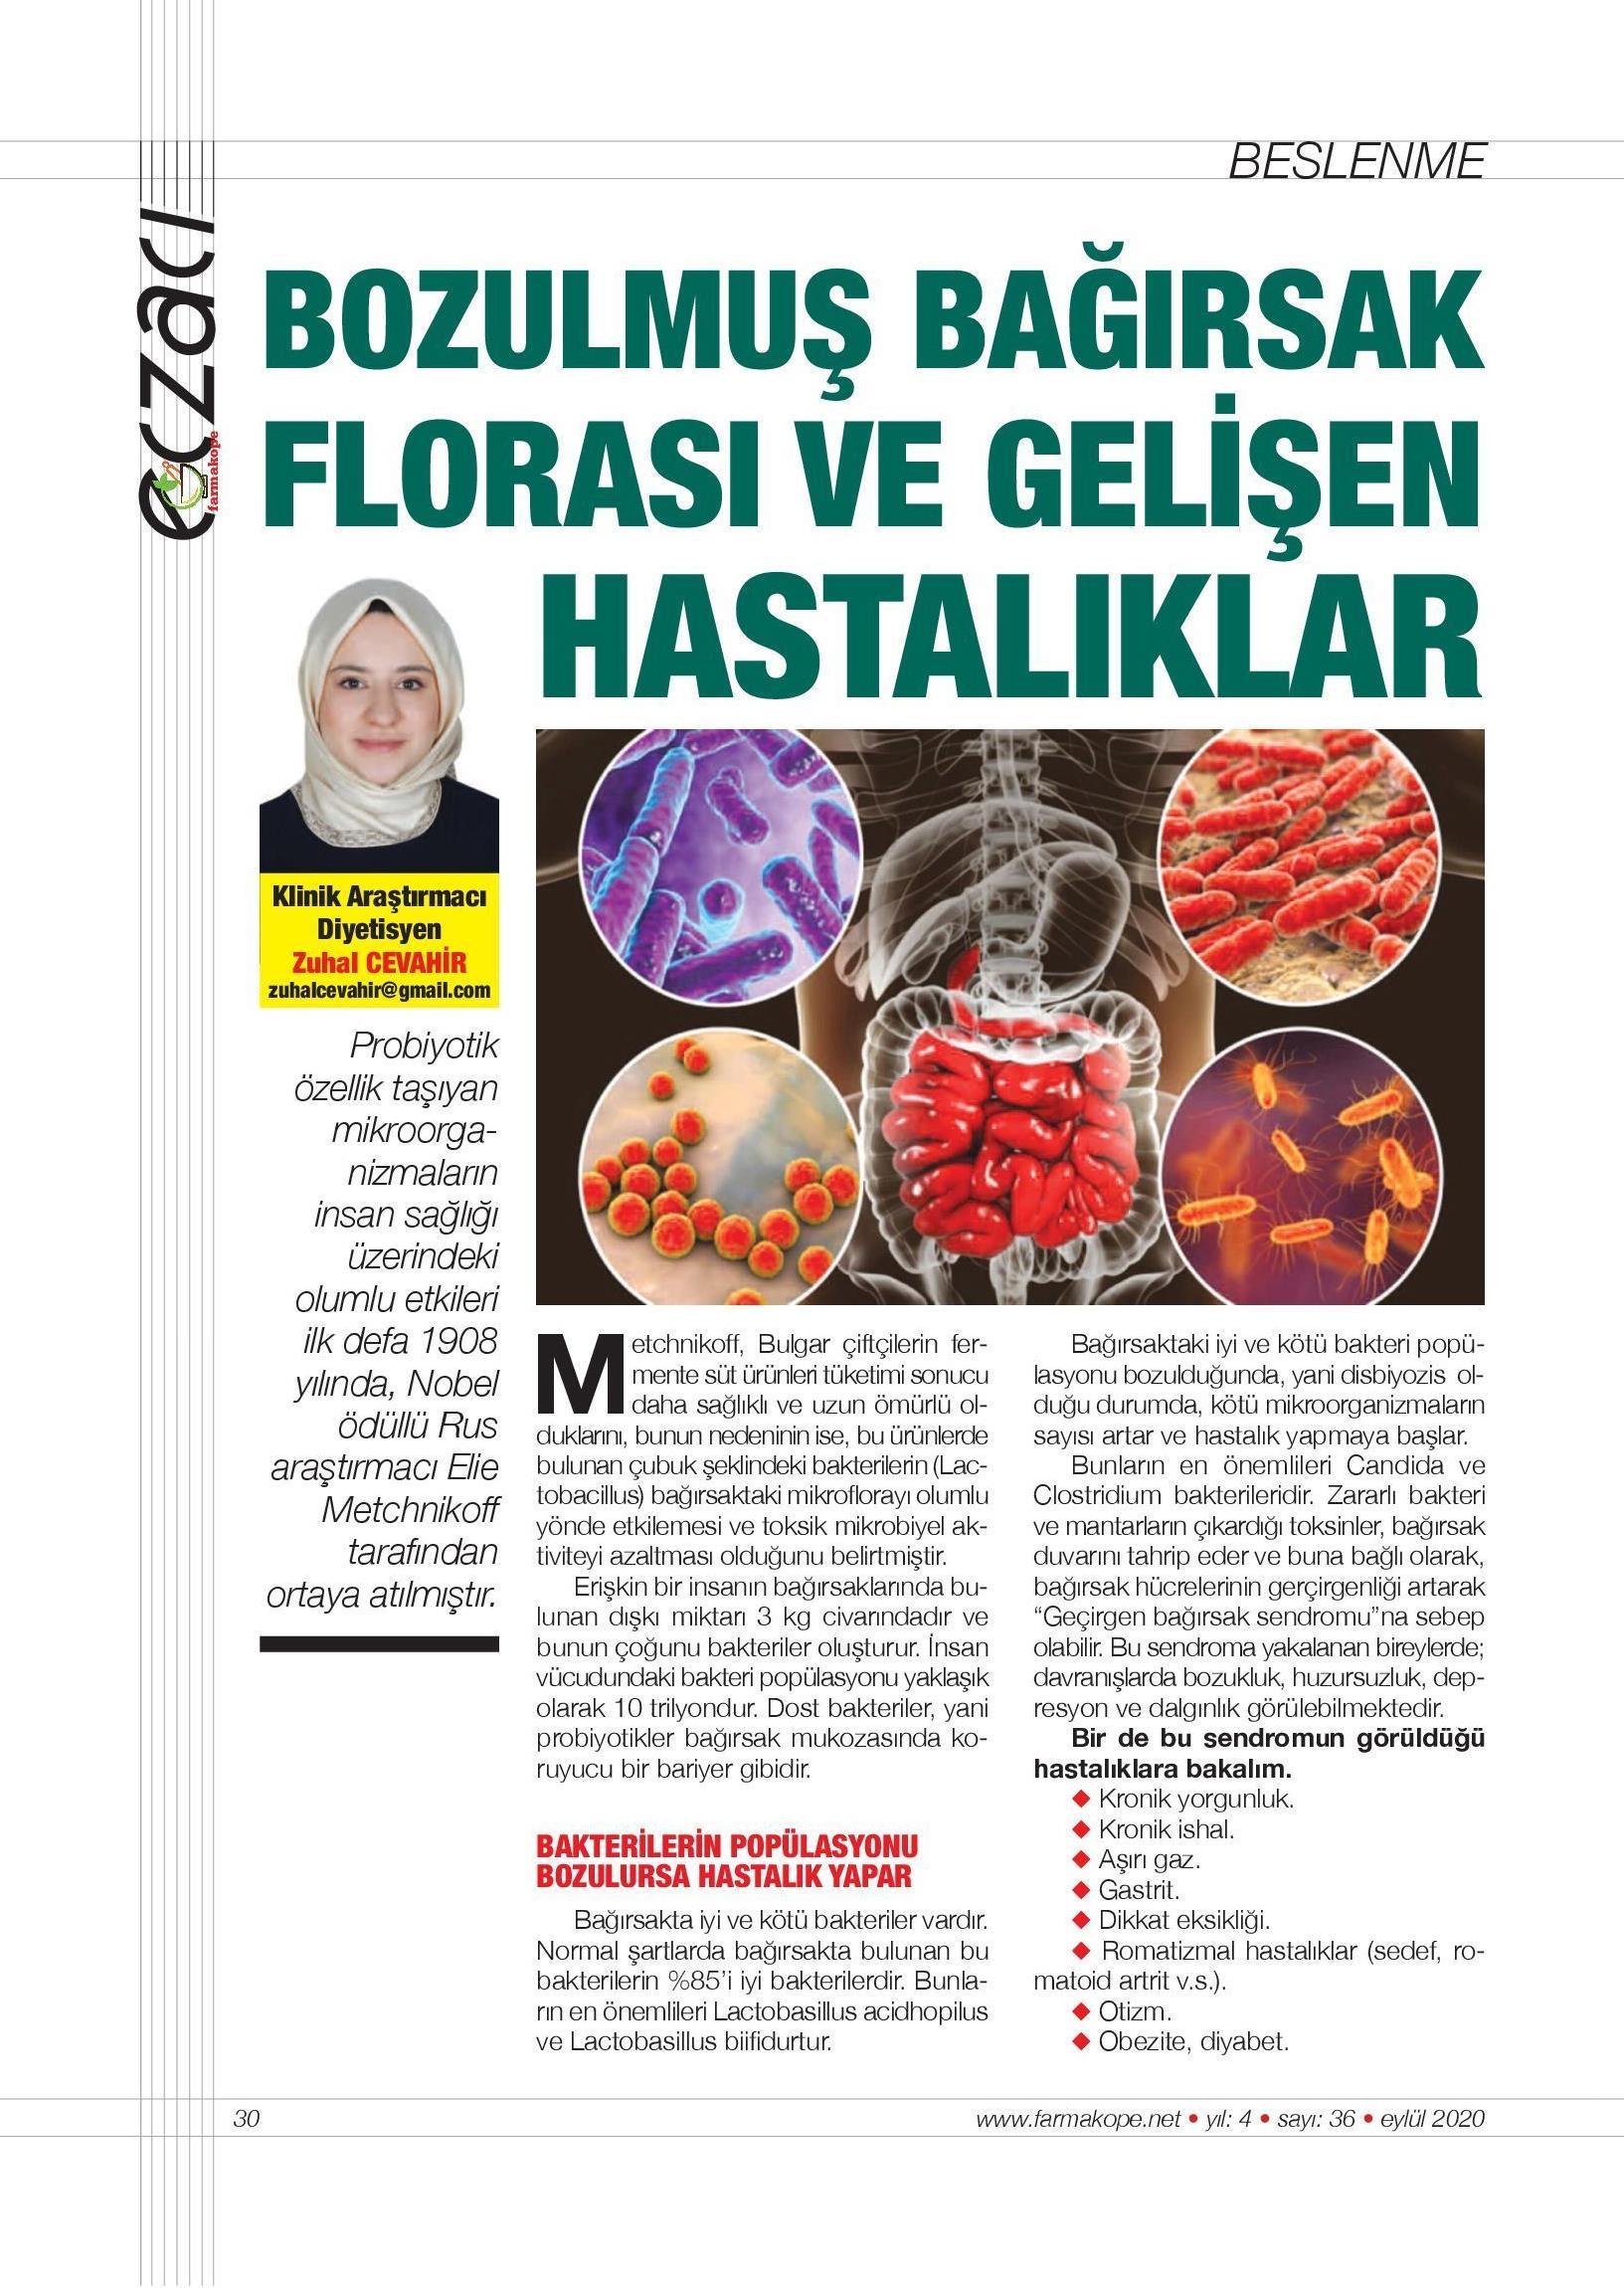 Bozulmuş Bağırsak Florası ve Gelişen Hastalıklar